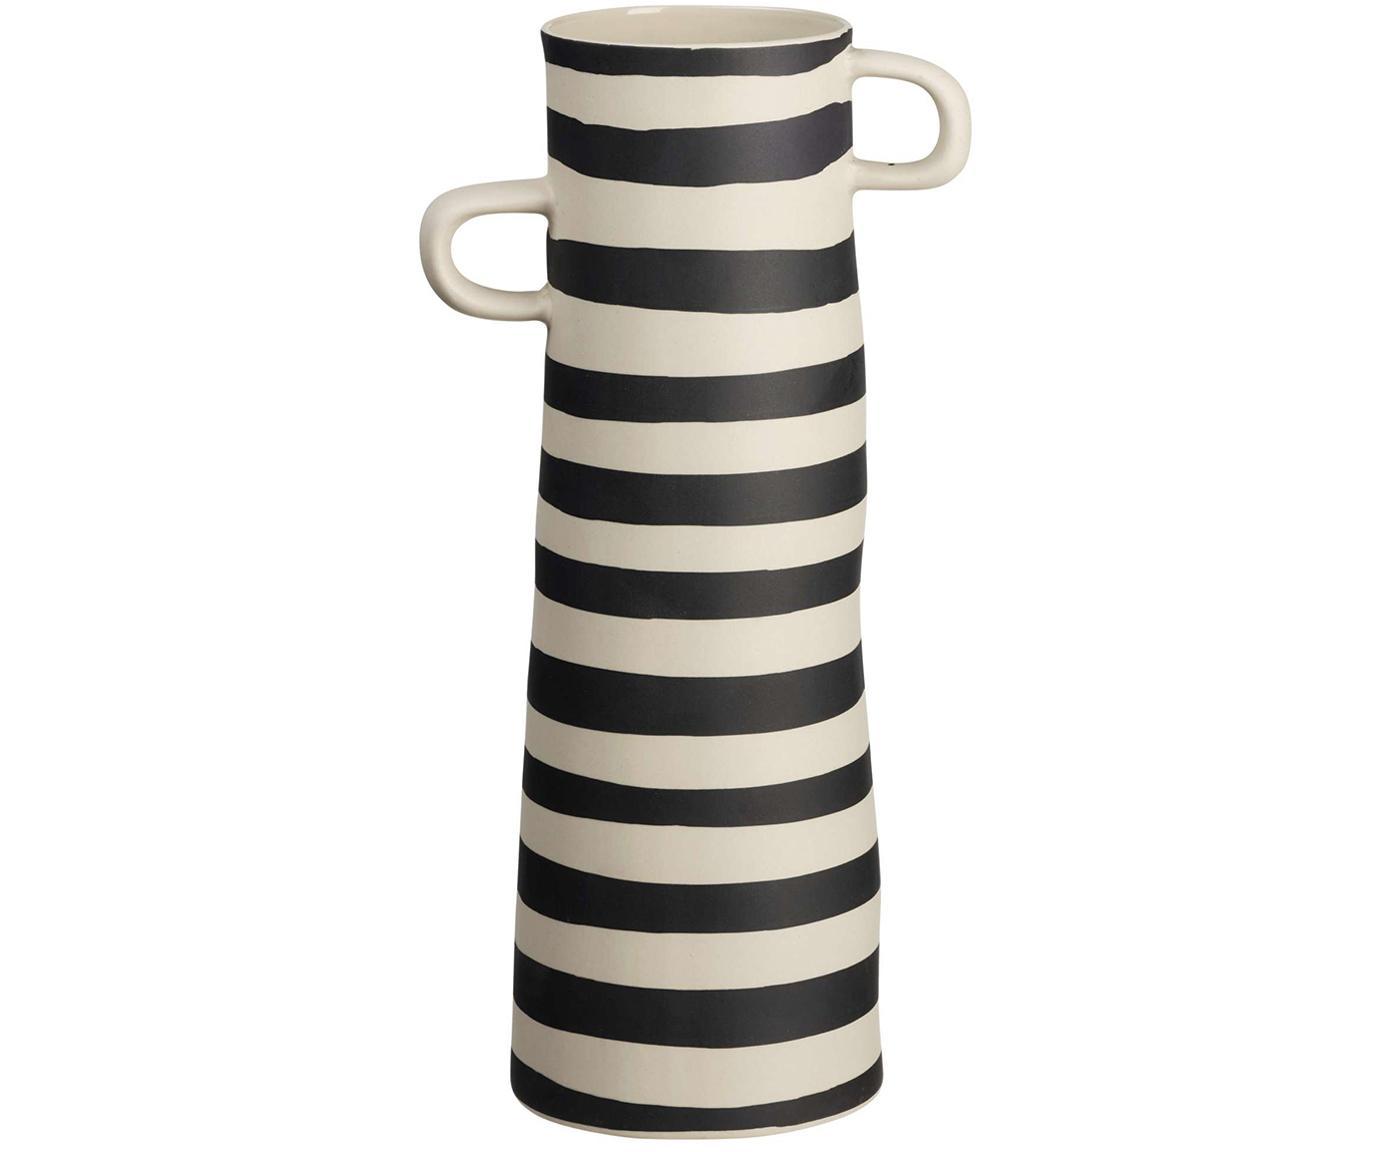 Handgefertigte Vase Rayu aus Steingut, Steingut, Schwarz, Beige, Ø 10 x H 28 cm